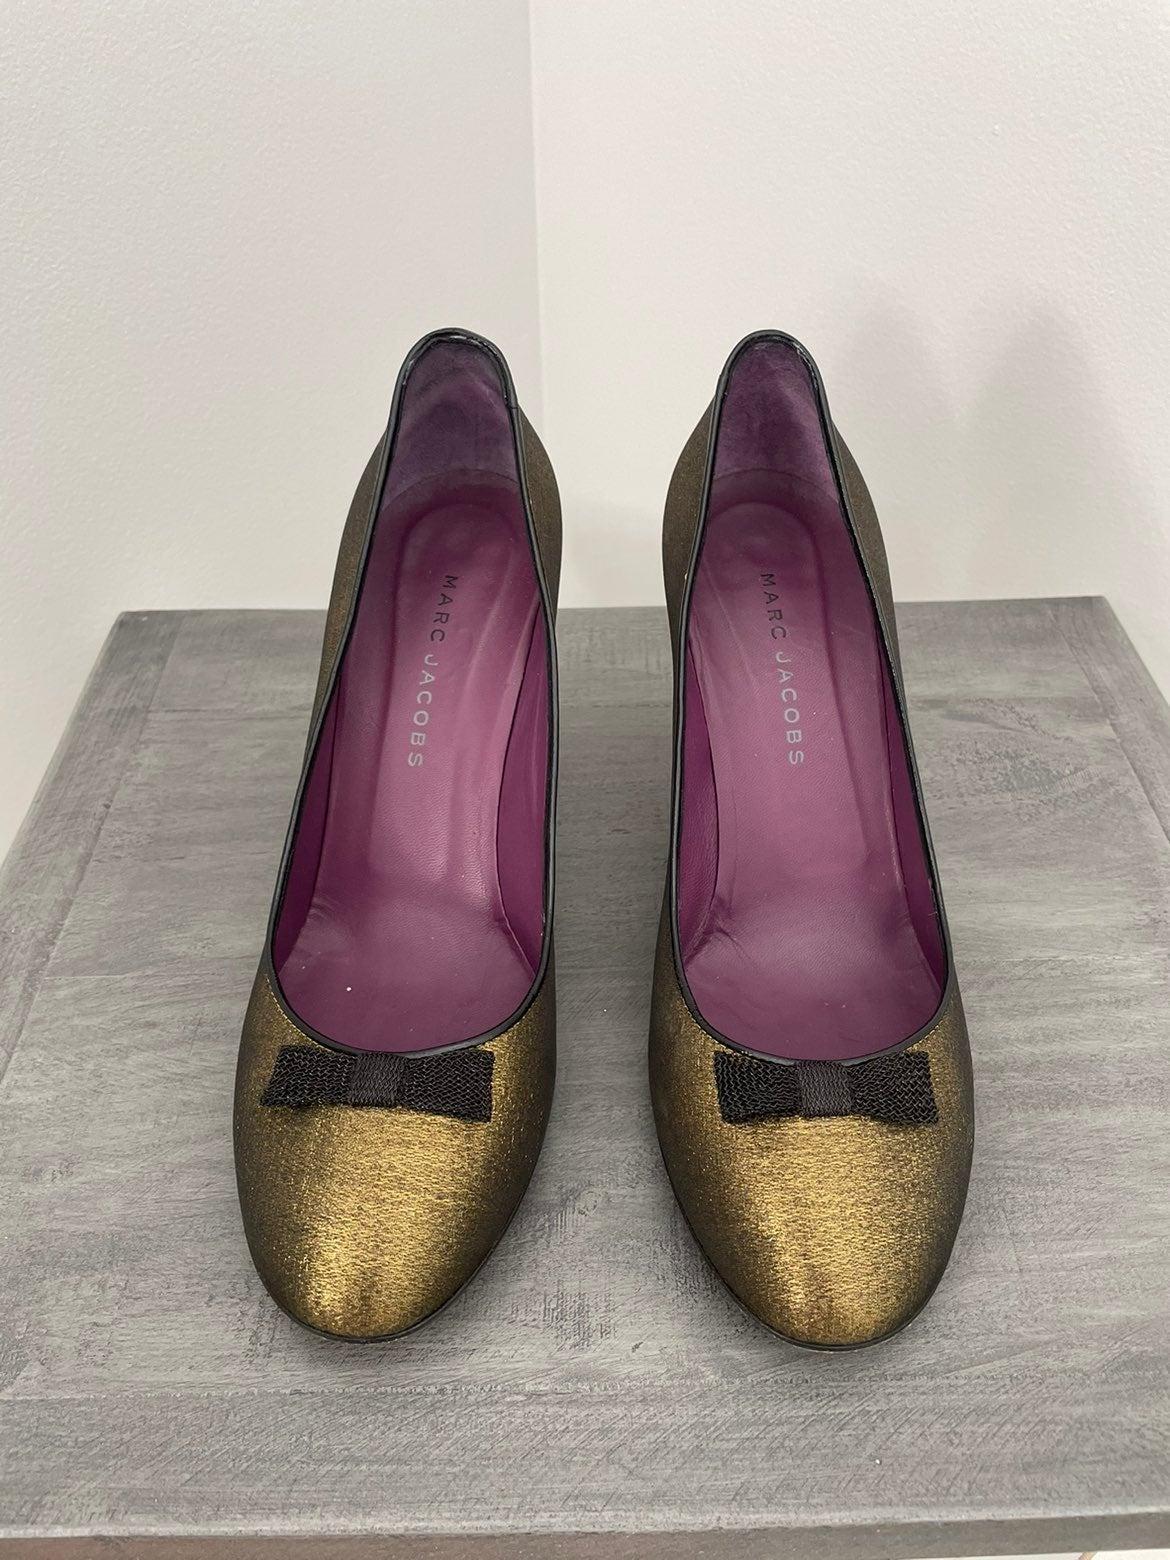 Marc Jacobs Retro Style Pumps Size 9 1/2